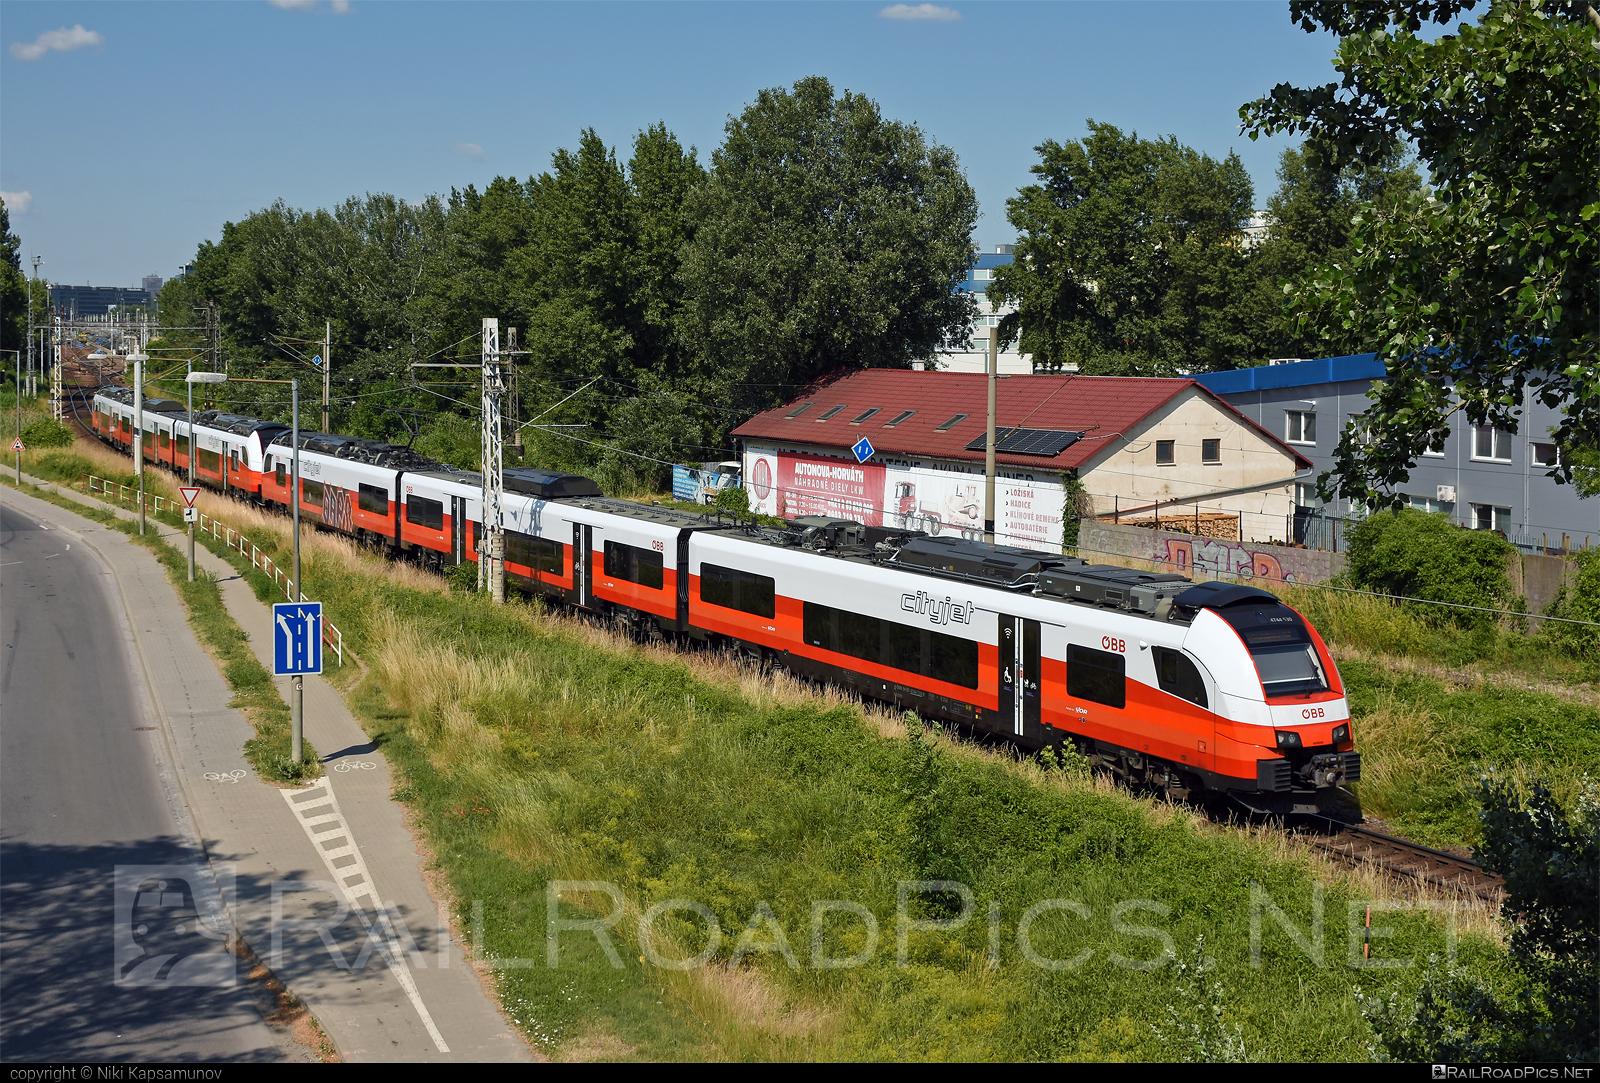 Siemens Desiro ML - 4744 530 operated by Österreichische Bundesbahnen #cityjet #desiro #desiroml #obb #obbcityjet #osterreichischebundesbahnen #siemens #siemensdesiro #siemensdesiroml